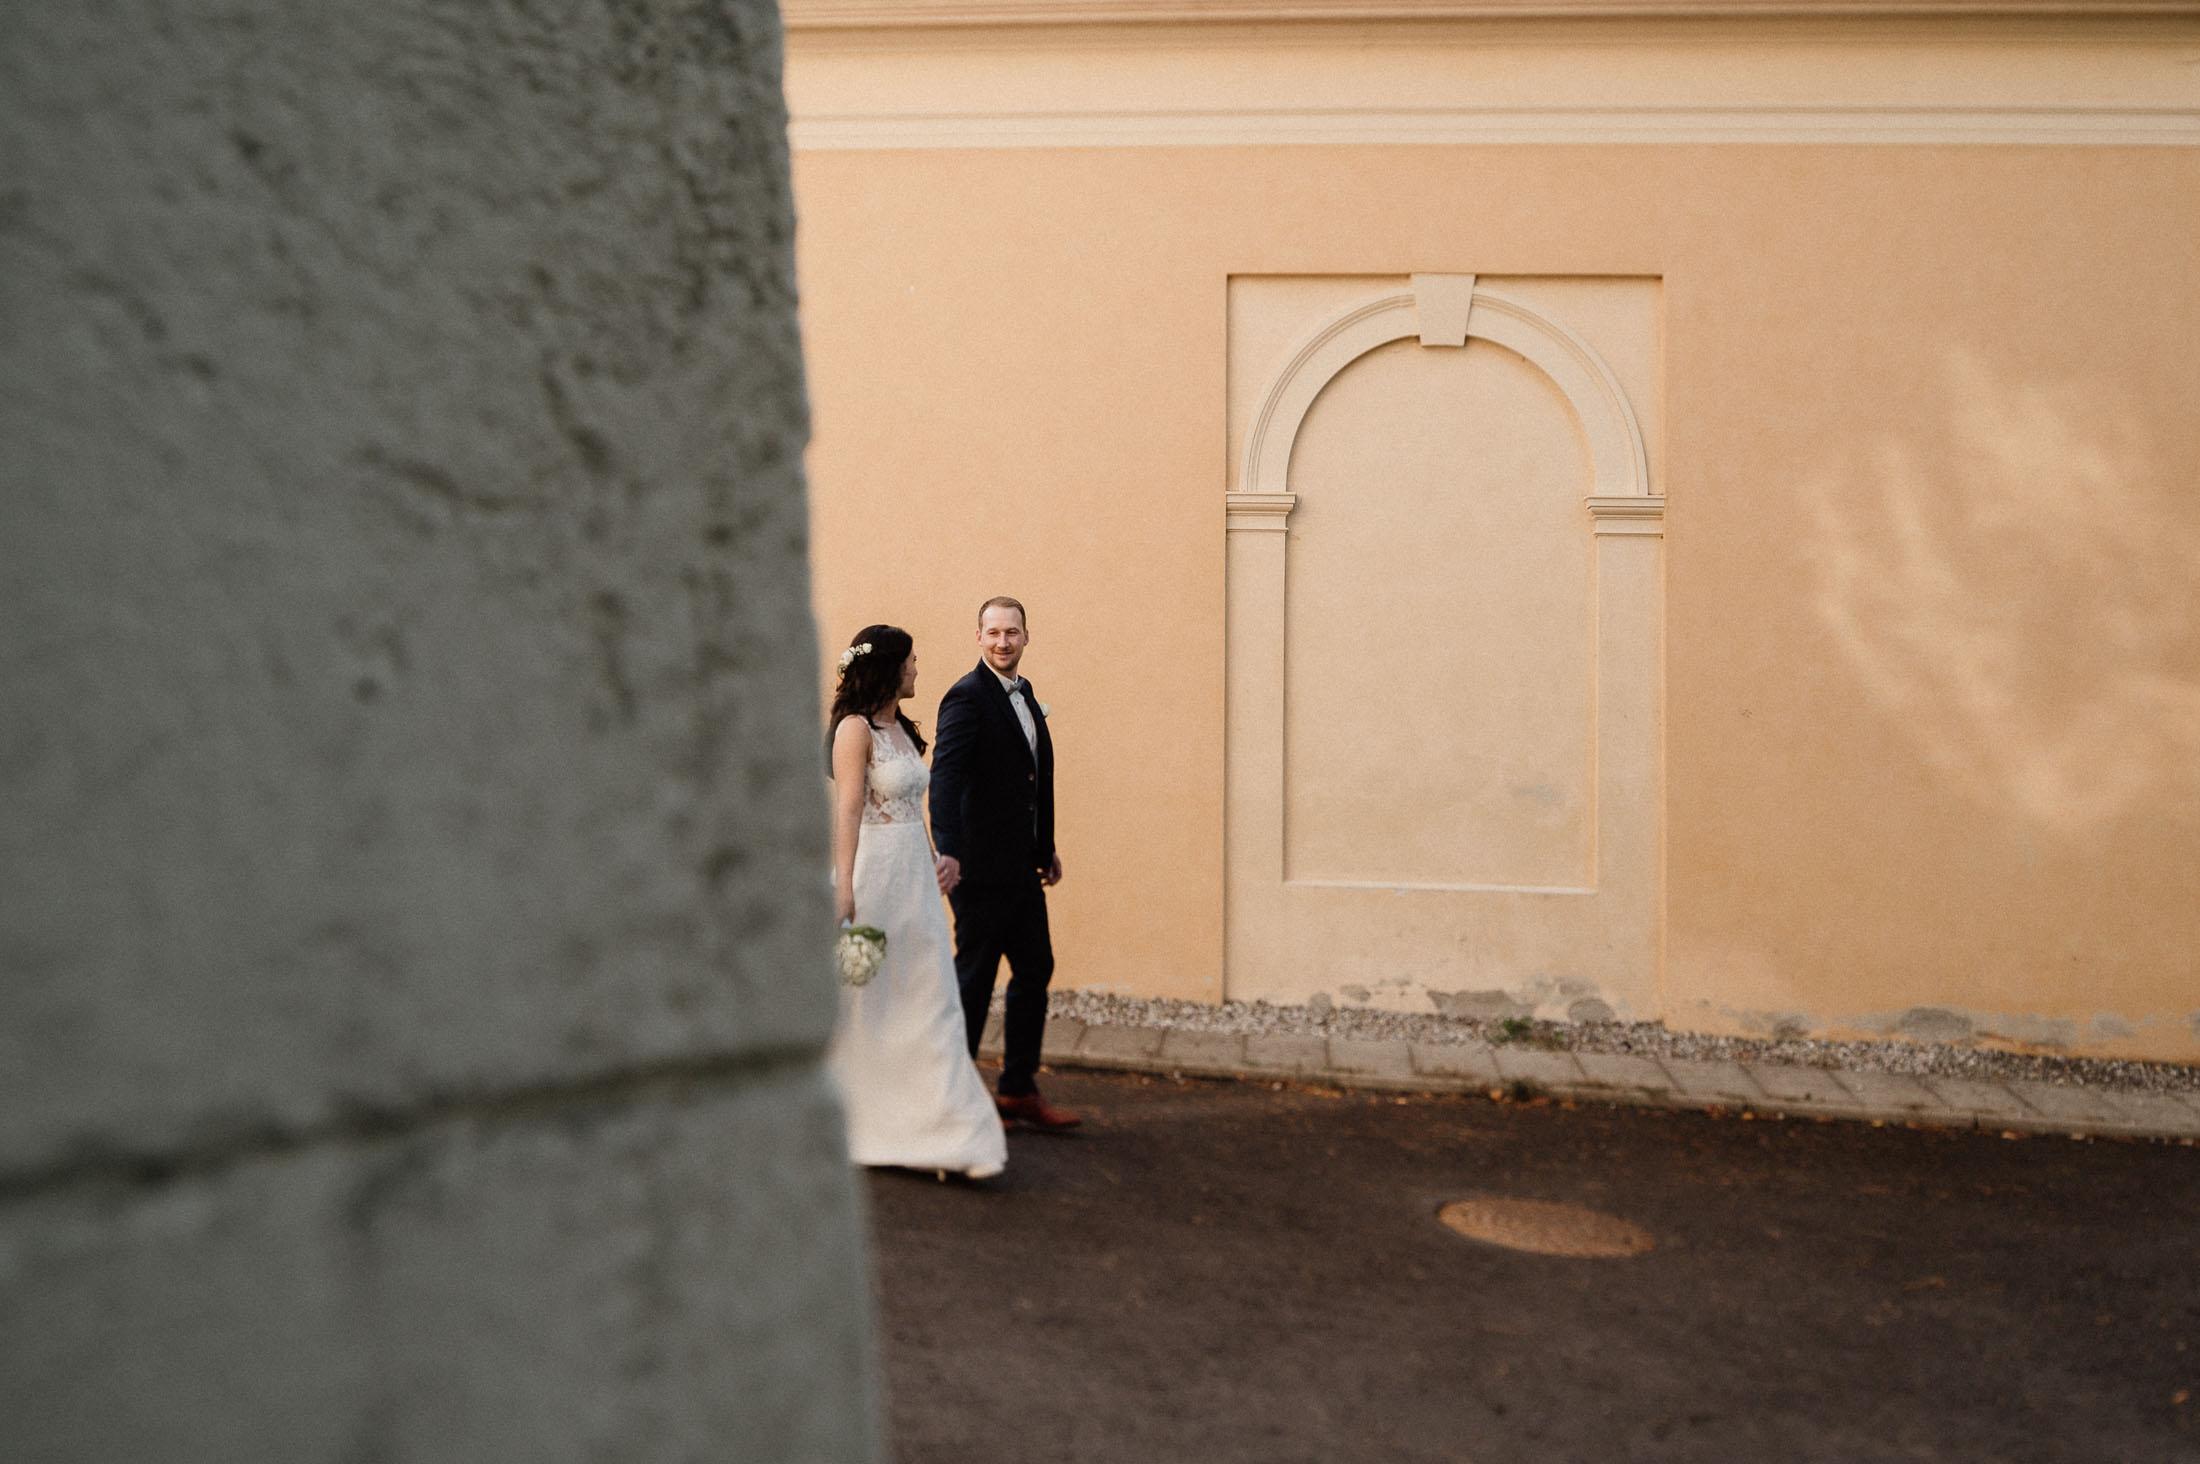 Hochzeit, Vorarlberg, Villa Raczynski, Gebhardsberg, Bregenz, Austria, Wedding, Schweiz, Deutschland, Lichtenstein, Hochzeit am Bosdensee.